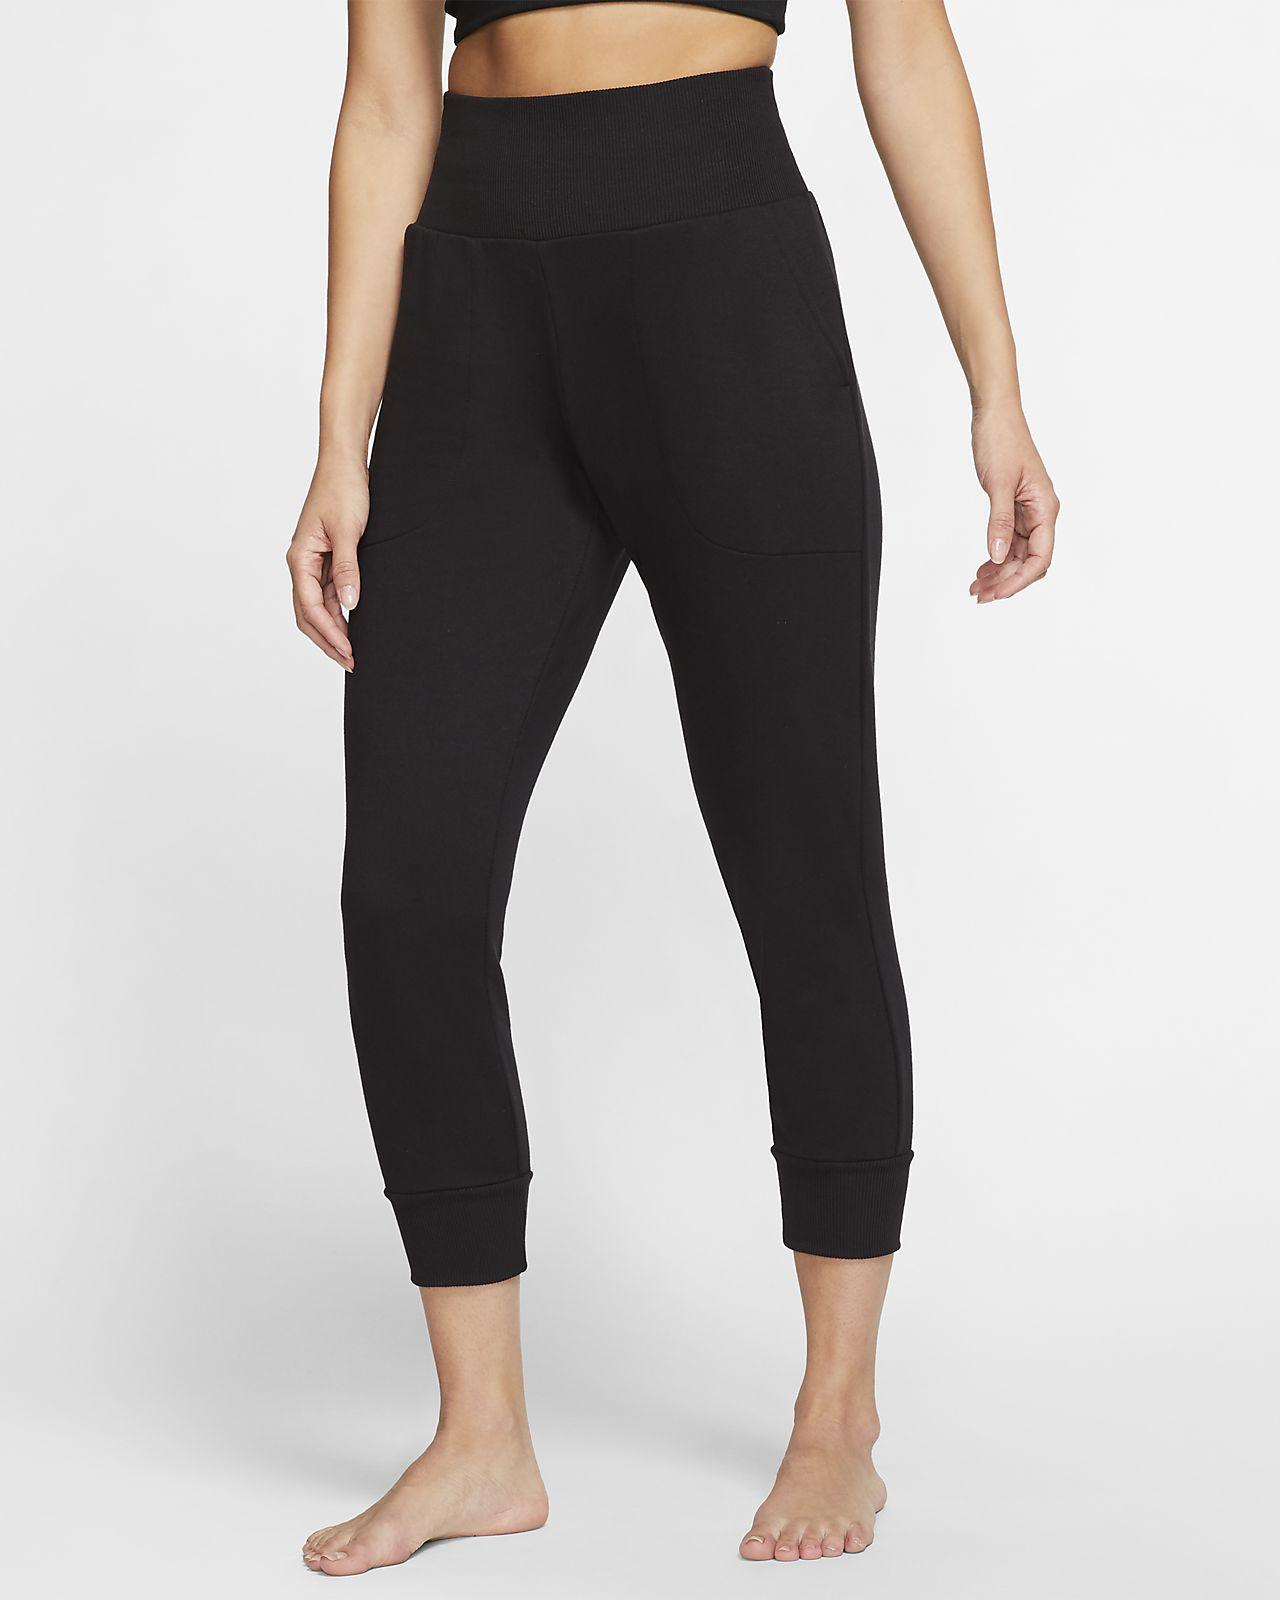 Spodnie damskie Nike Yoga